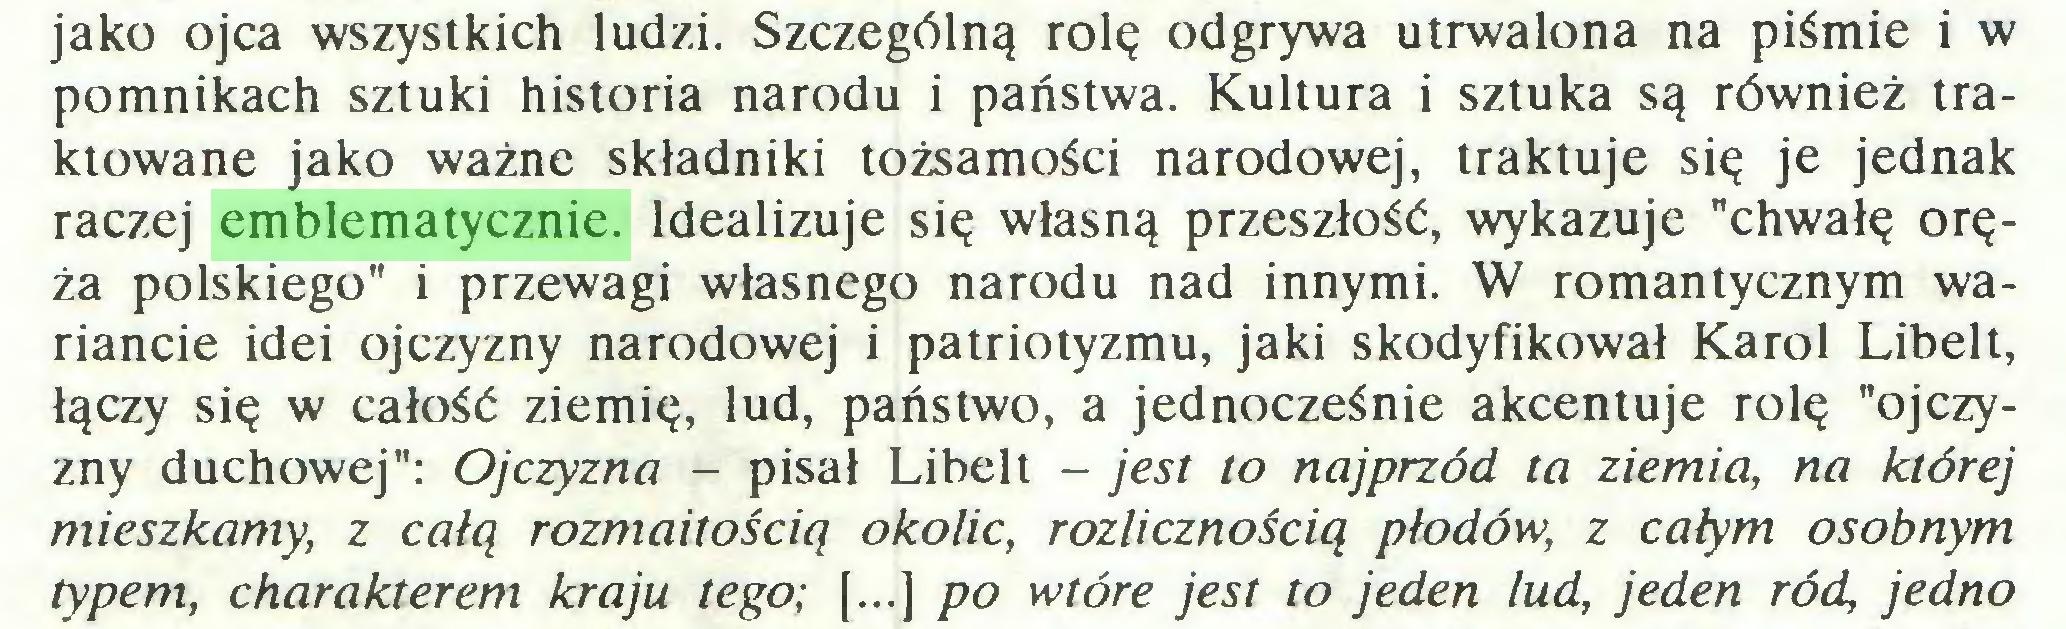 """(...) jako ojca wszystkich ludzi. Szczególną rolę odgrywa utrwalona na piśmie i w pomnikach sztuki historia narodu i państwa. Kultura i sztuka są również traktowane jako ważne składniki tożsamości narodowej, traktuje się je jednak raczej emblematycznie. Idealizuje się własną przeszłość, wykazuje """"chwałę oręża polskiego"""" i przewagi własnego narodu nad innymi. W romantycznym wariancie idei ojczyzny narodowej i patriotyzmu, jaki skodyfikował Karol Libelt, łączy się w całość ziemię, lud, państwo, a jednocześnie akcentuje rolę """"ojczyzny duchowej"""": Ojczyzna - pisał Libelt - jest to najprzód ta ziemia, na której mieszkamy, z całą rozmaitością okolic, rozlicznością płodów, z całym osobnym typem, charakterem kraju tego; [...] po wtóre jest to jeden lud, jeden ród, jedno..."""